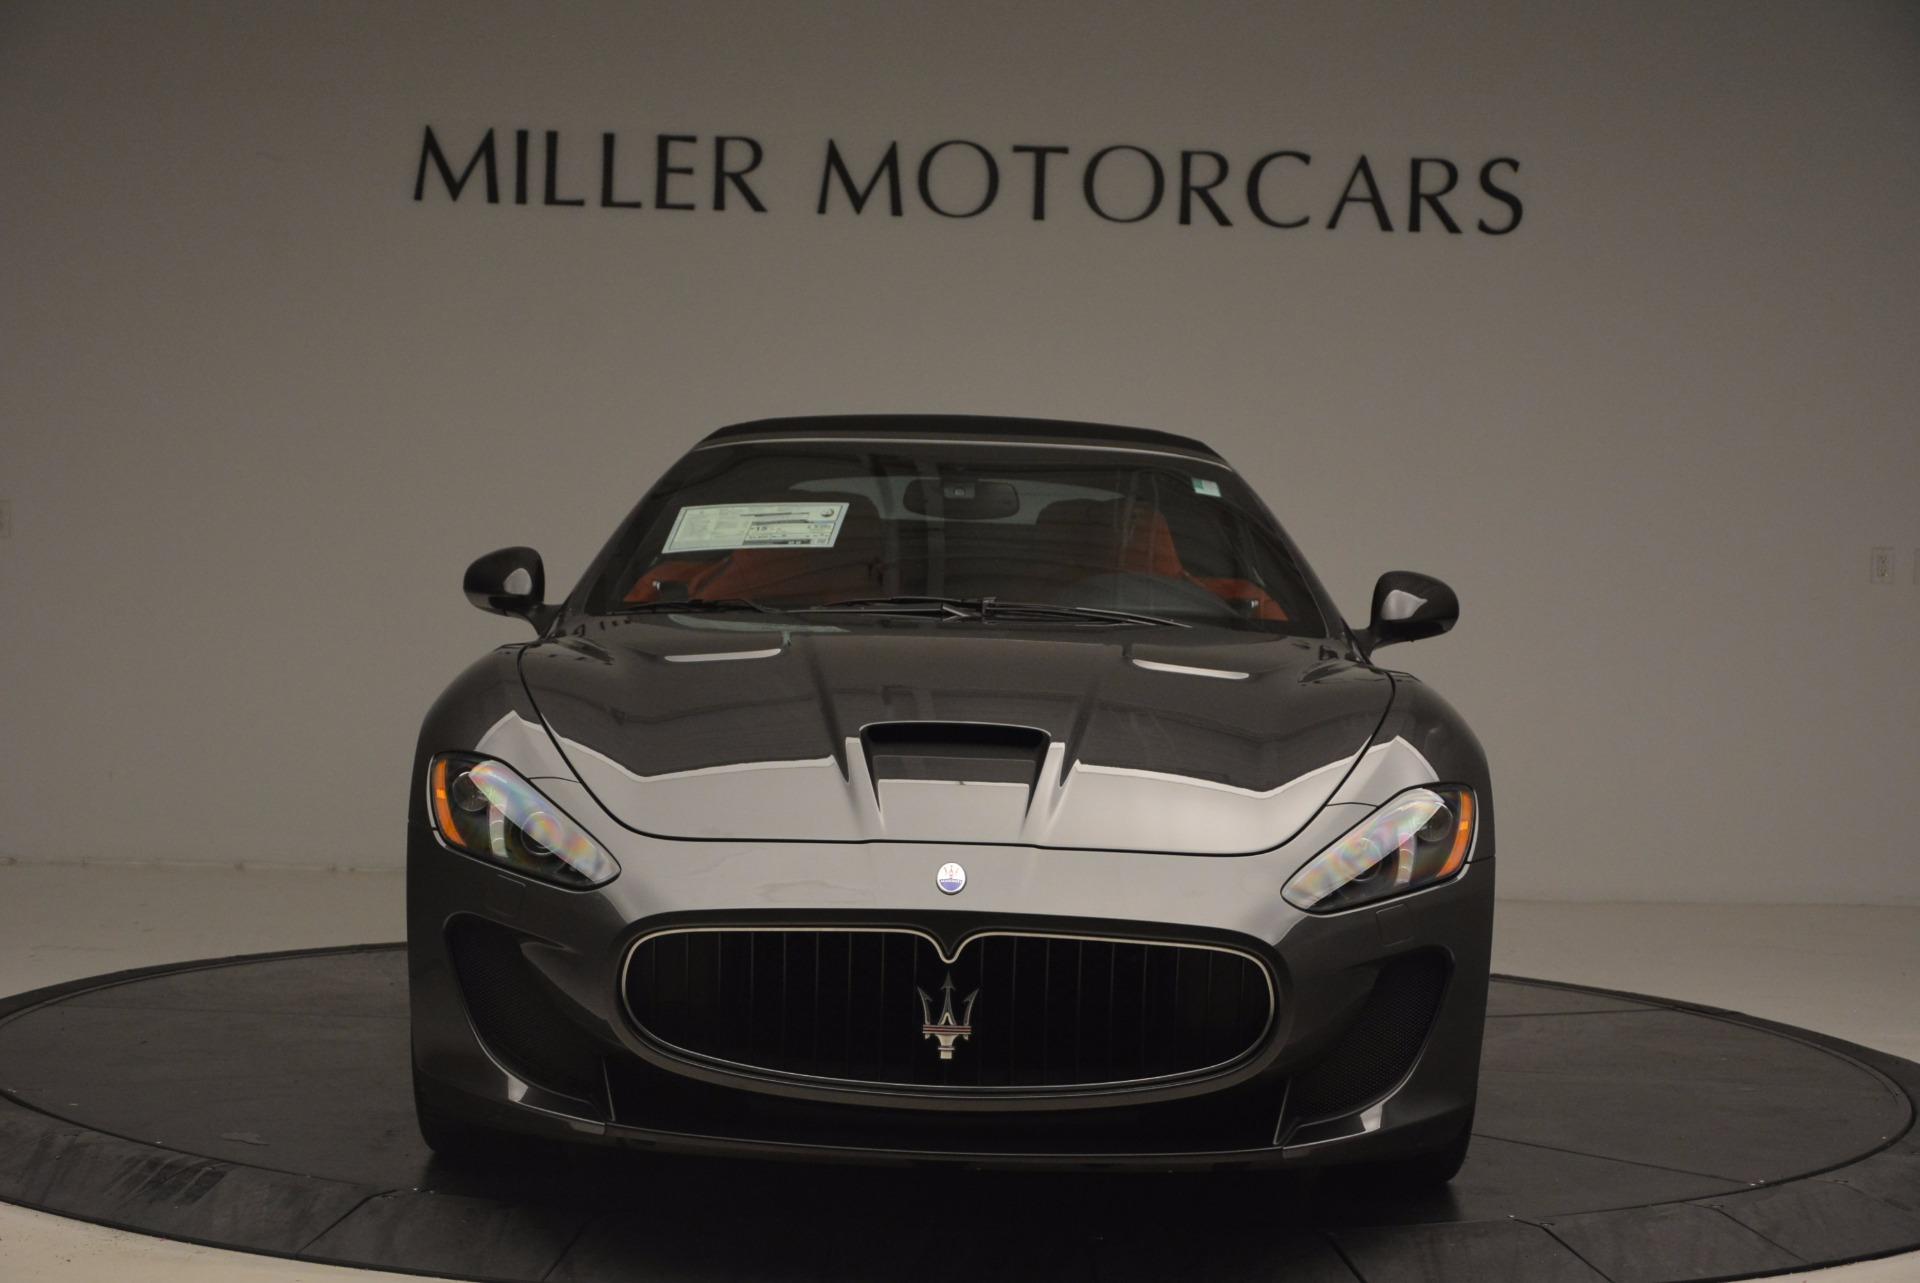 Used 2015 Maserati GranTurismo MC For Sale In Greenwich, CT 1135_p24